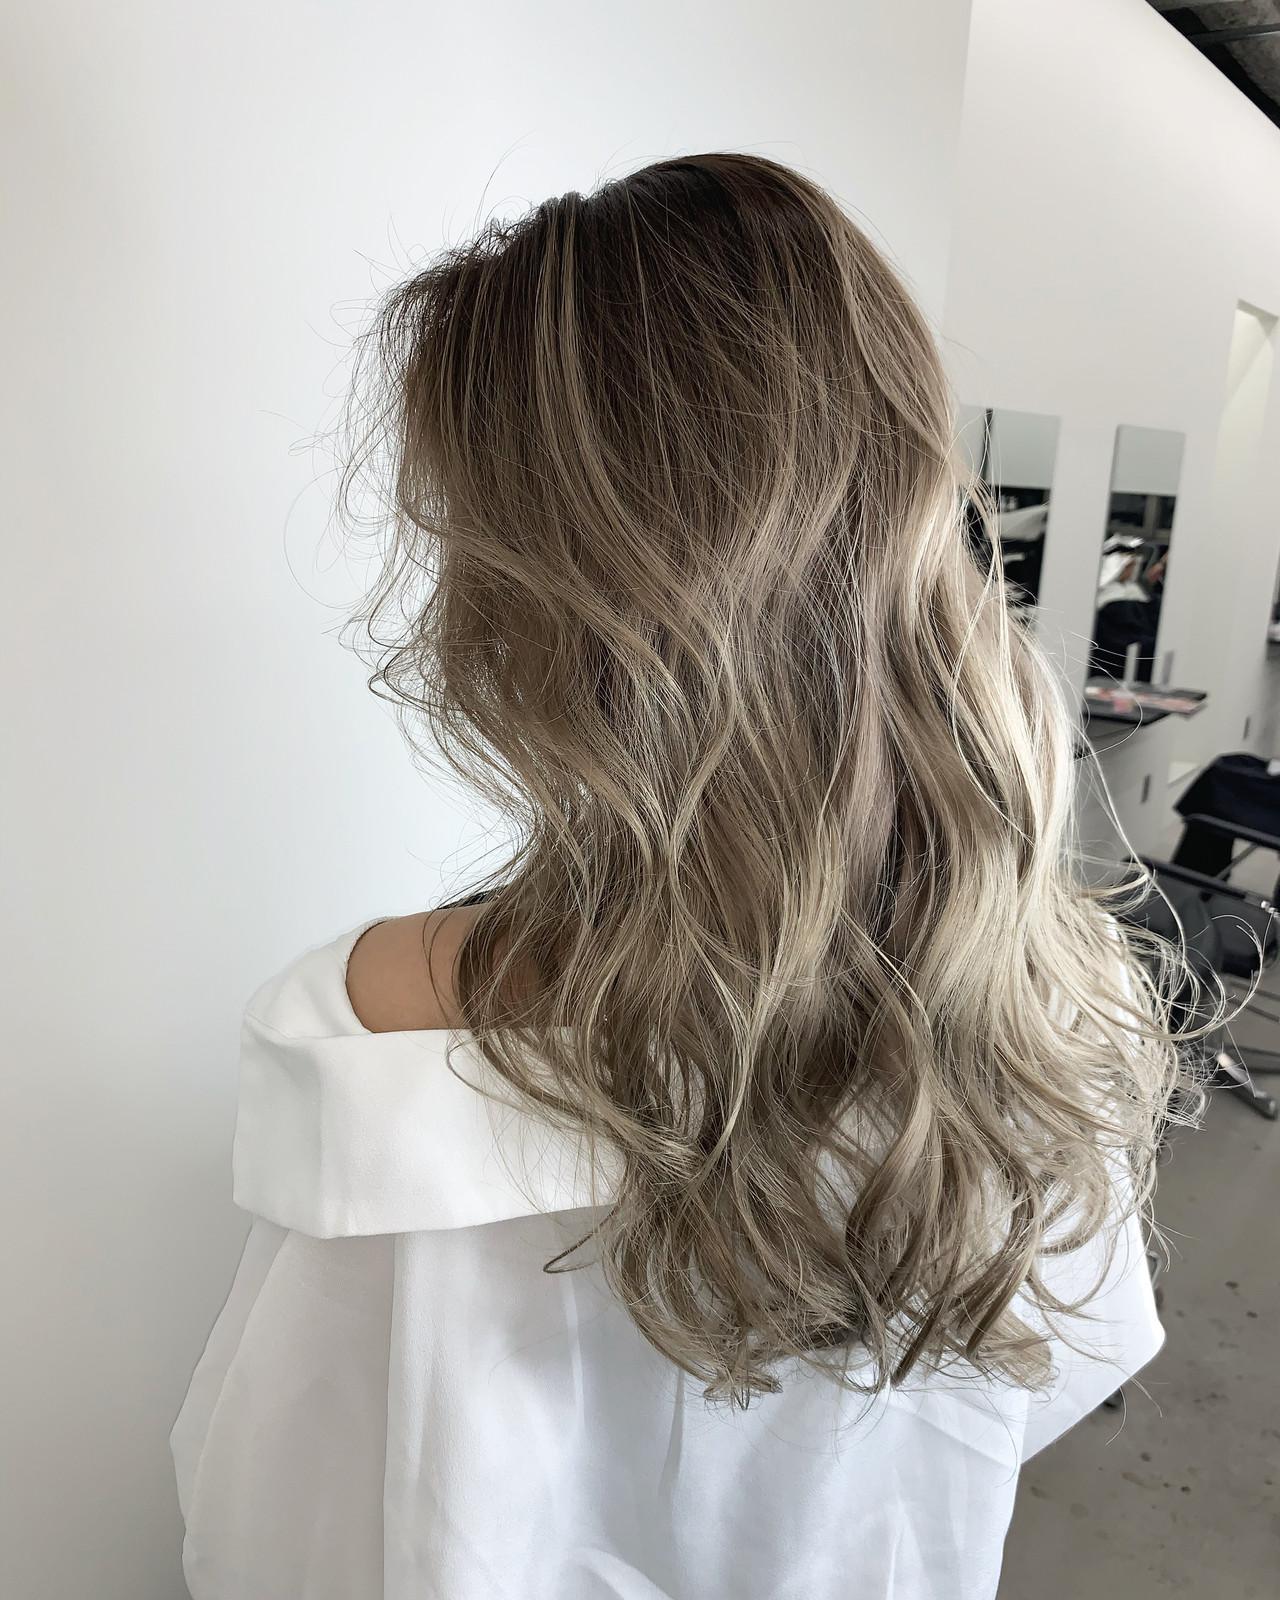 アッシュベージュ ベージュ ミルクティーベージュ ヌーディベージュ ヘアスタイルや髪型の写真・画像